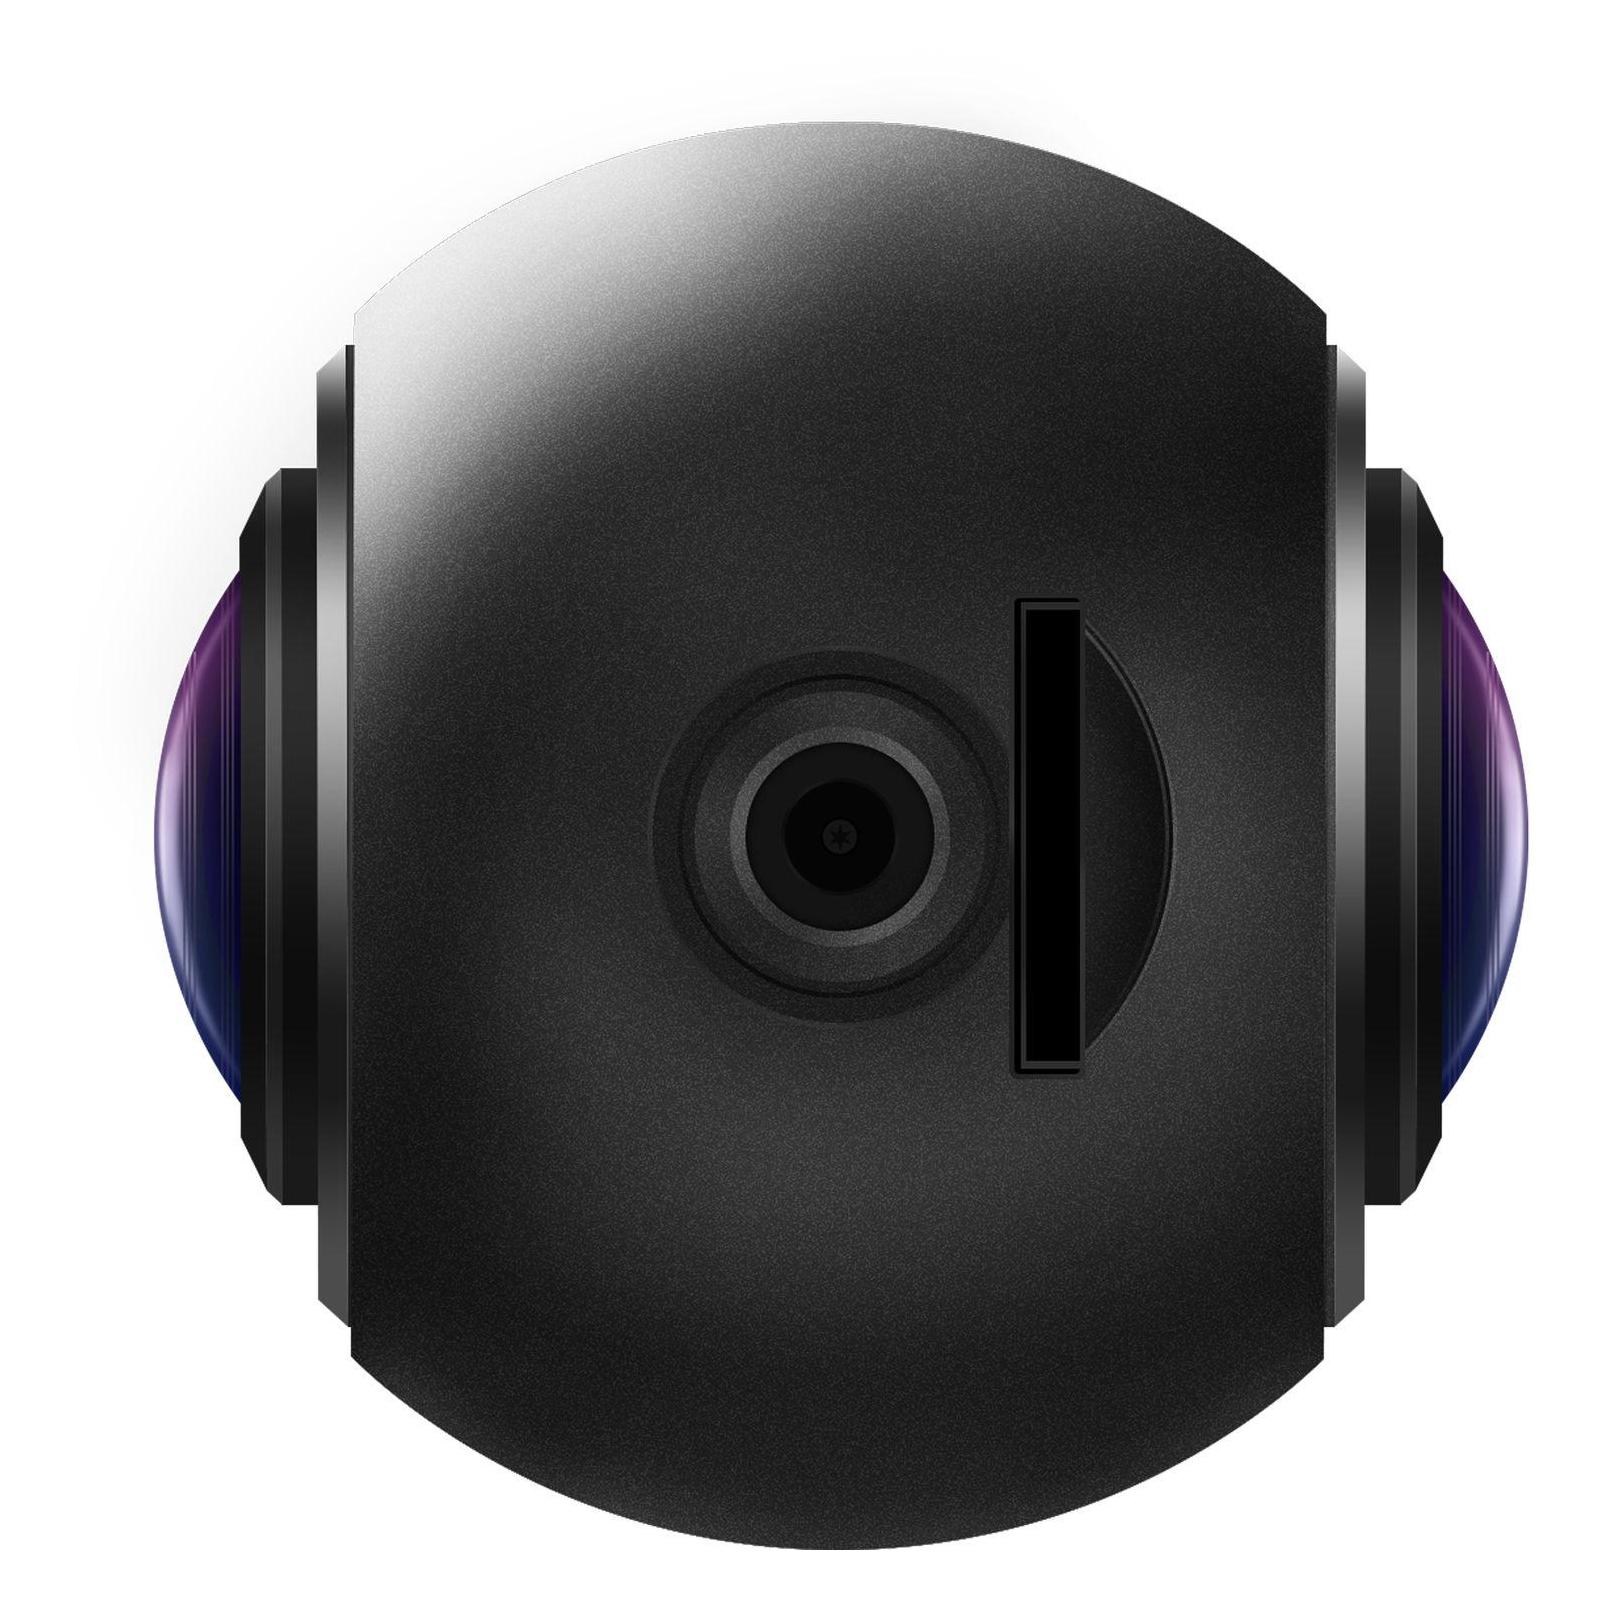 Цифровая видеокамера Insta360 One (305000) изображение 7